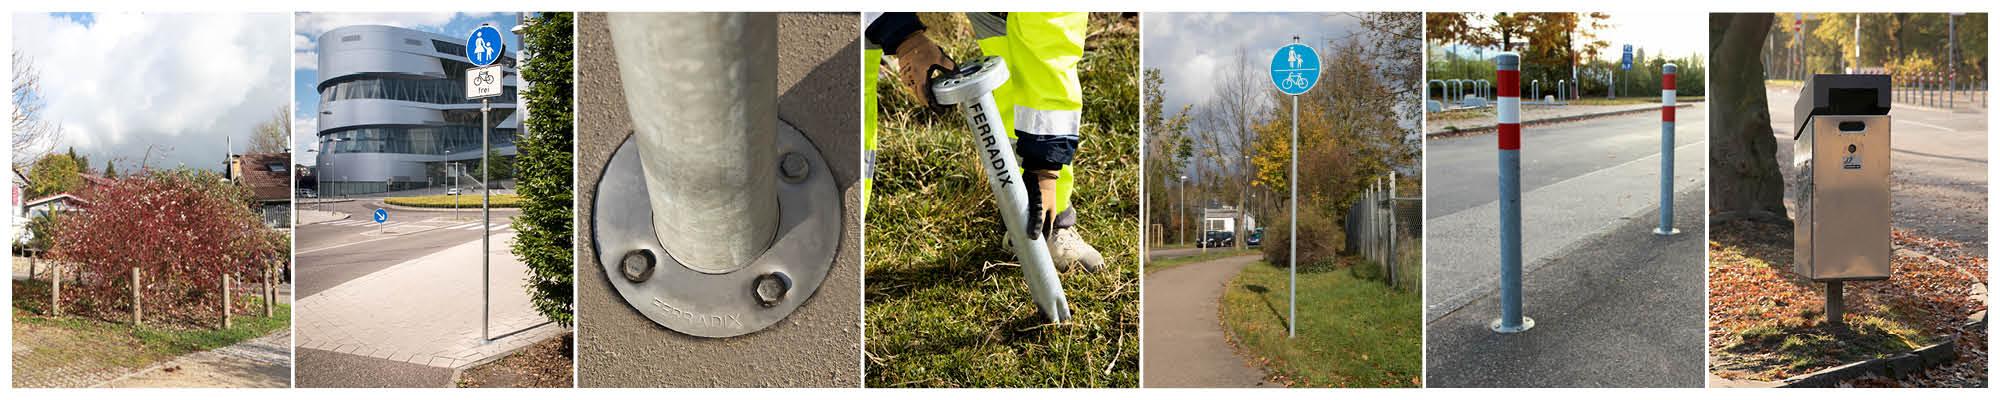 Wurzelpfahl FERRADIX® -Bodendübel aus Stahl für Naturboden, Asphalt und Beton